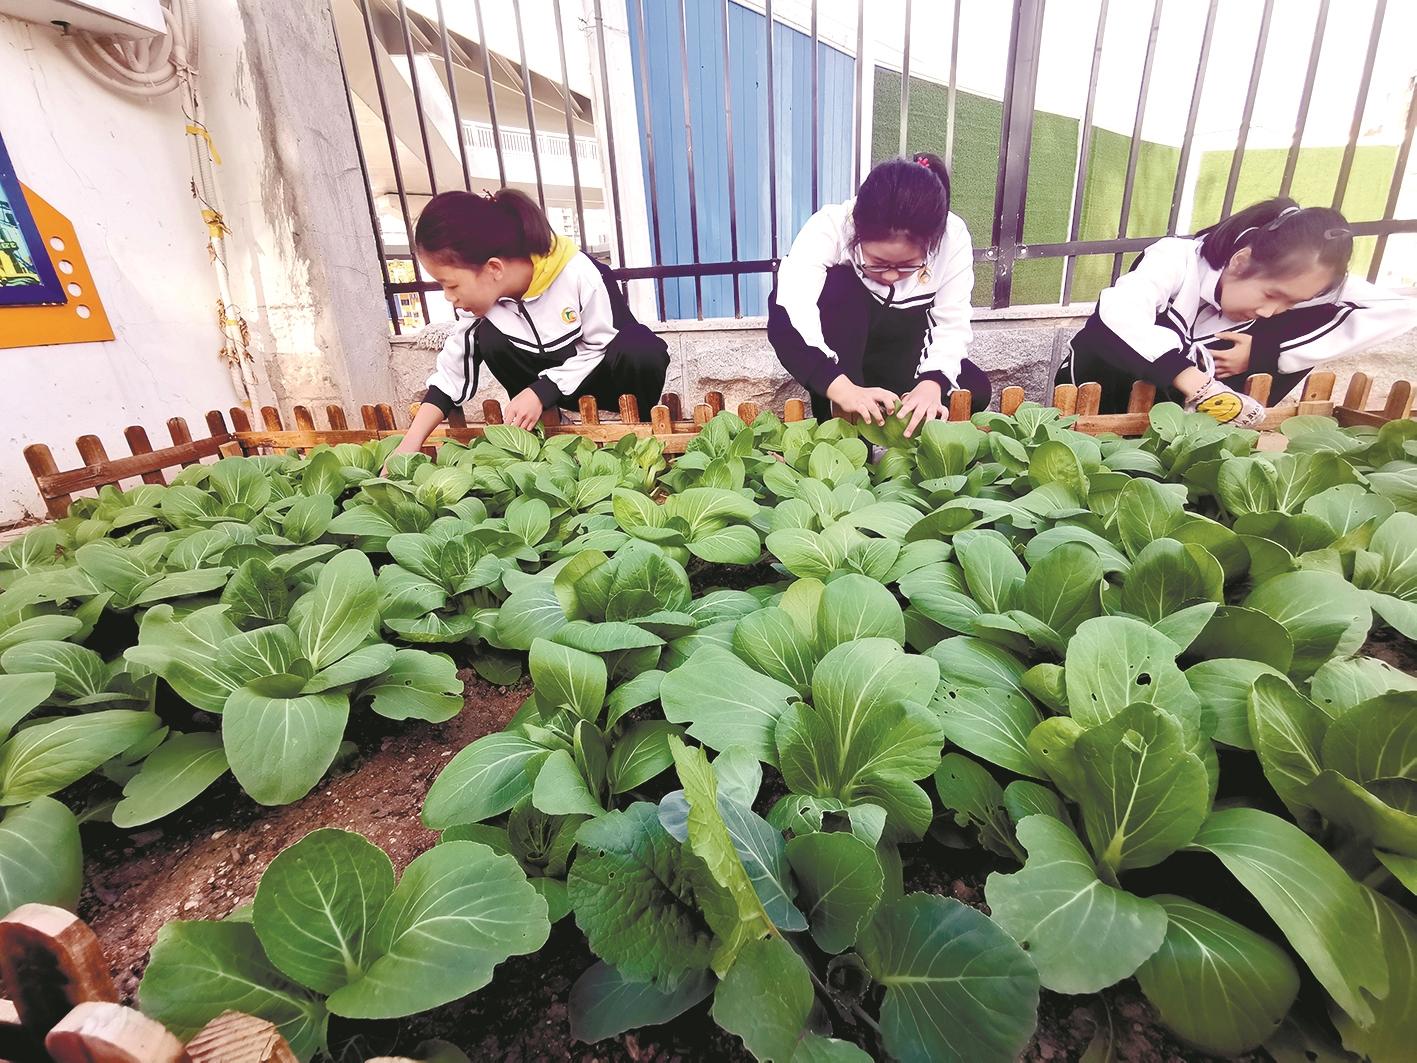 http://www.shangoudaohang.com/shengxian/246555.html